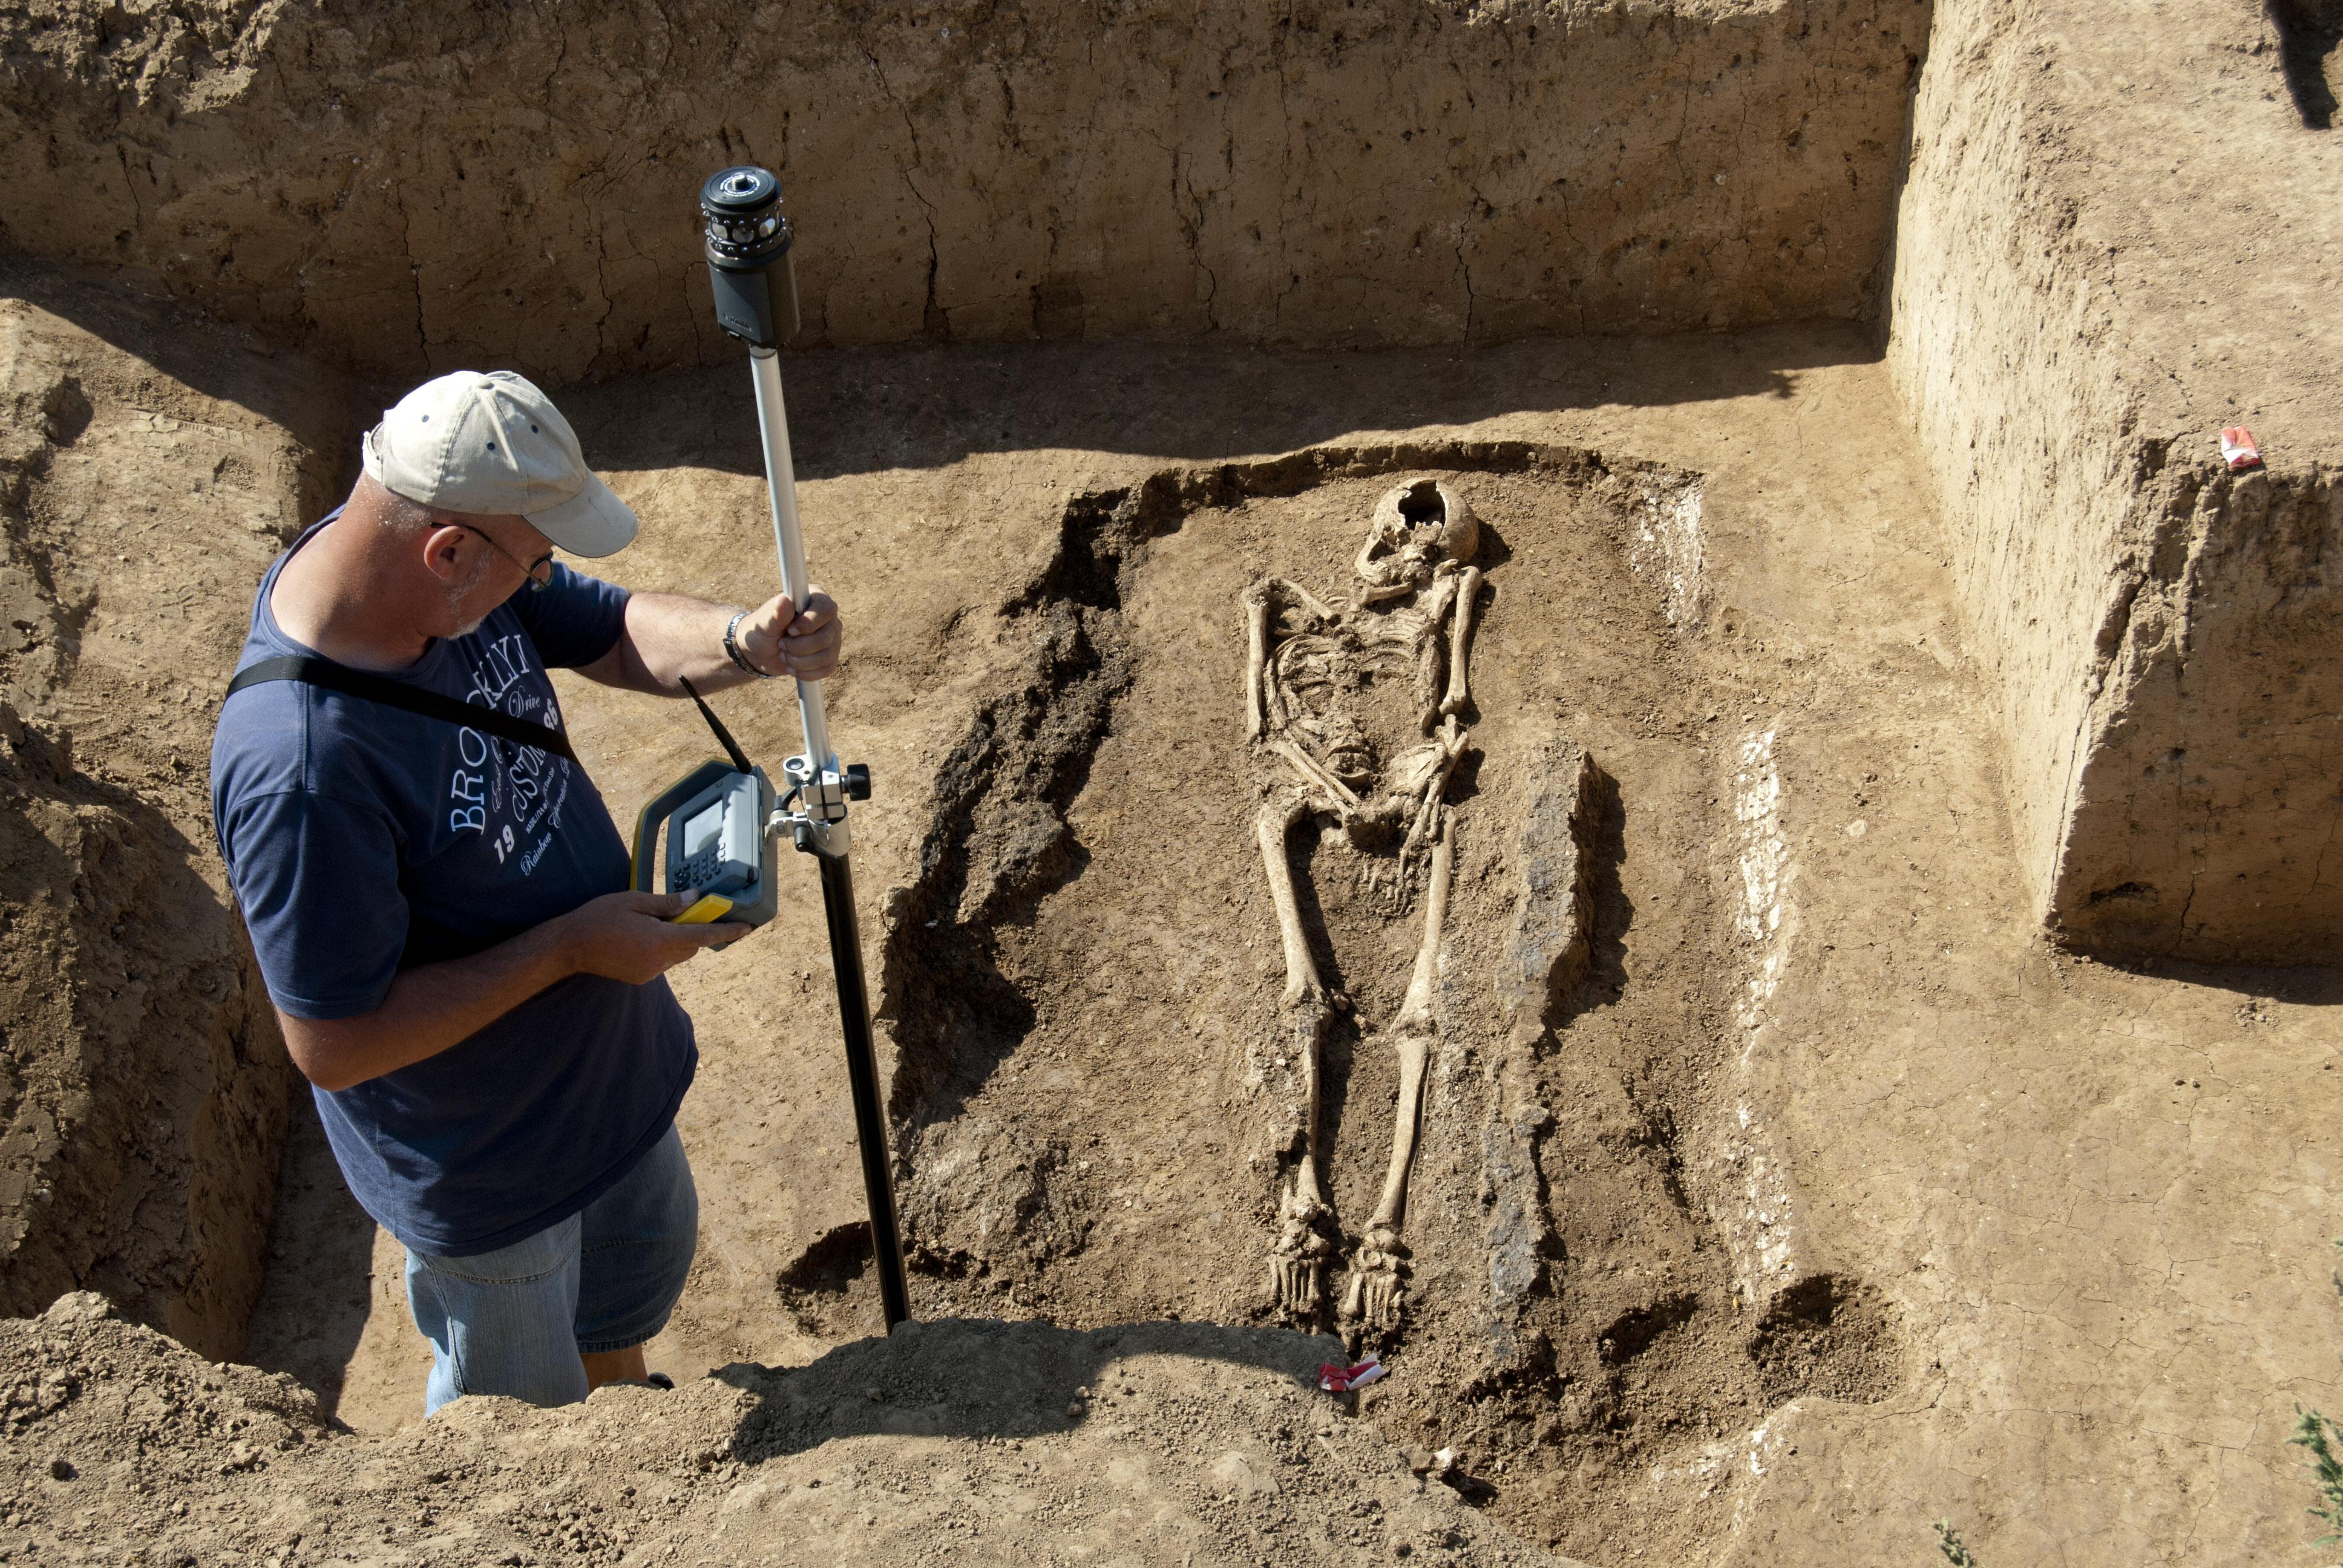 Grabungstechniker neben freigelegtem Skelett und vermisst Grab mit Messgerät